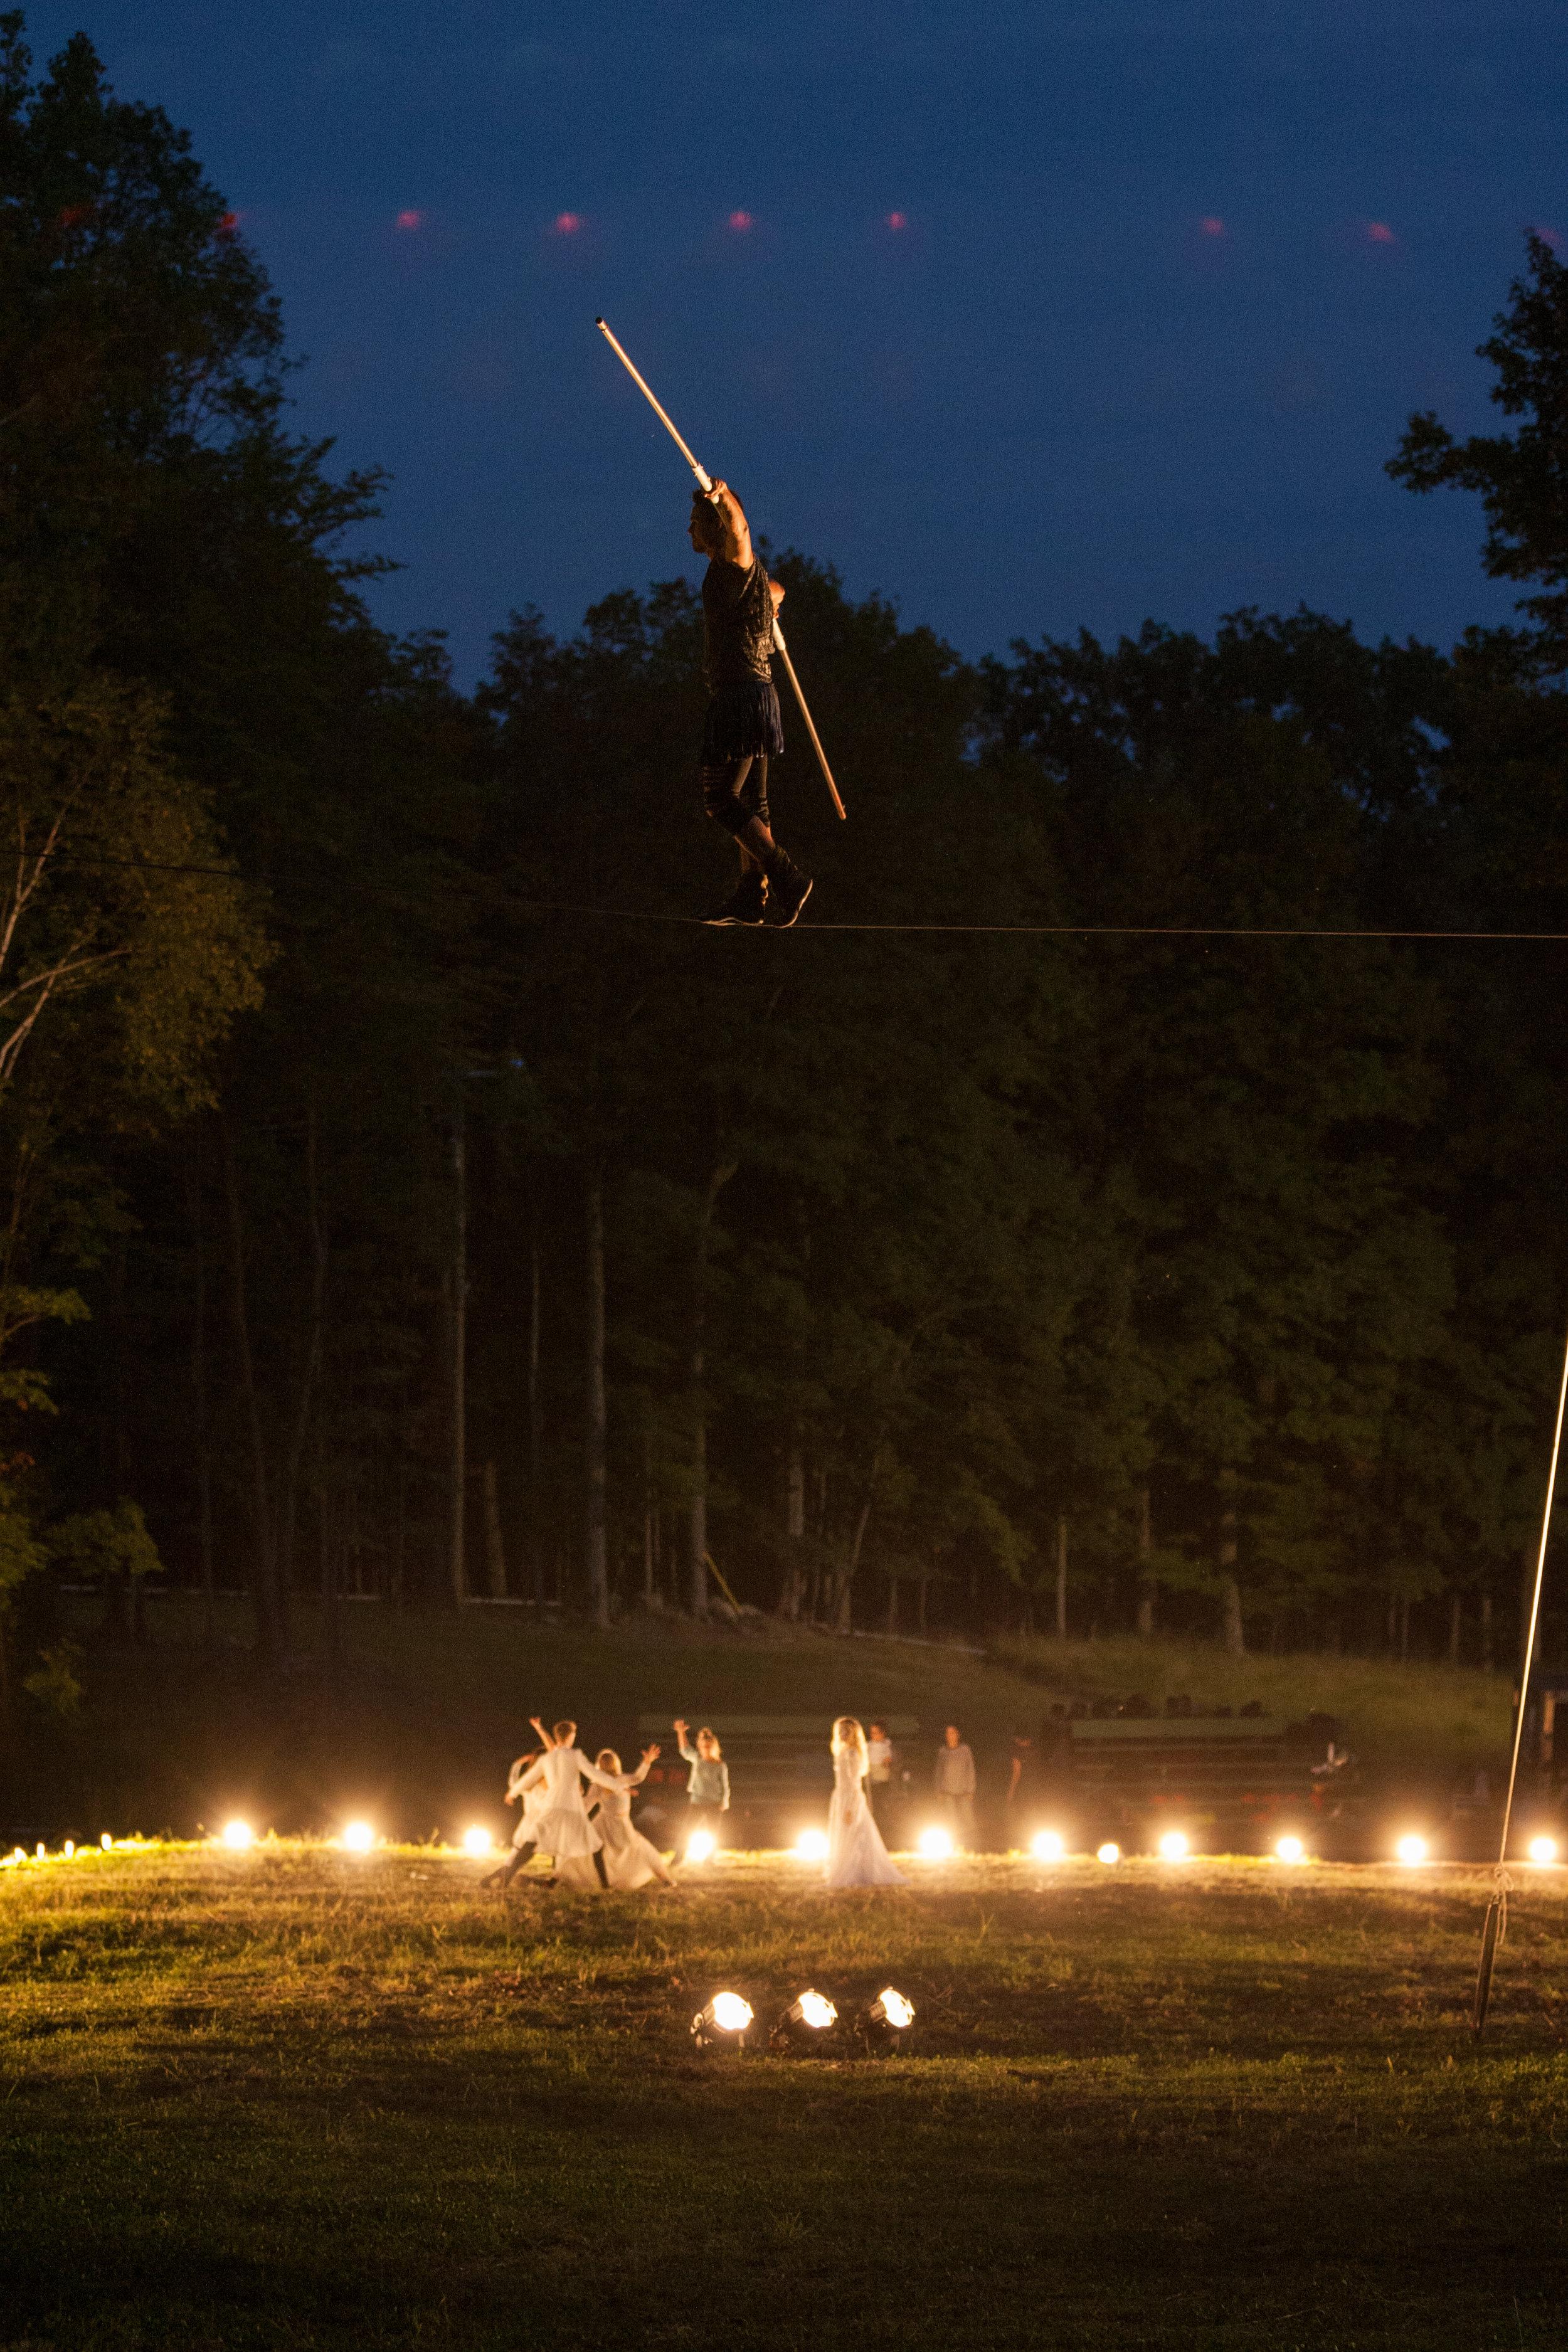 Les étoiles tomberont - Parcours extérieur multidisciplinaire où théâtre, cirque et danse se croisent et se mélangent pour raconter les légendes des constellations.